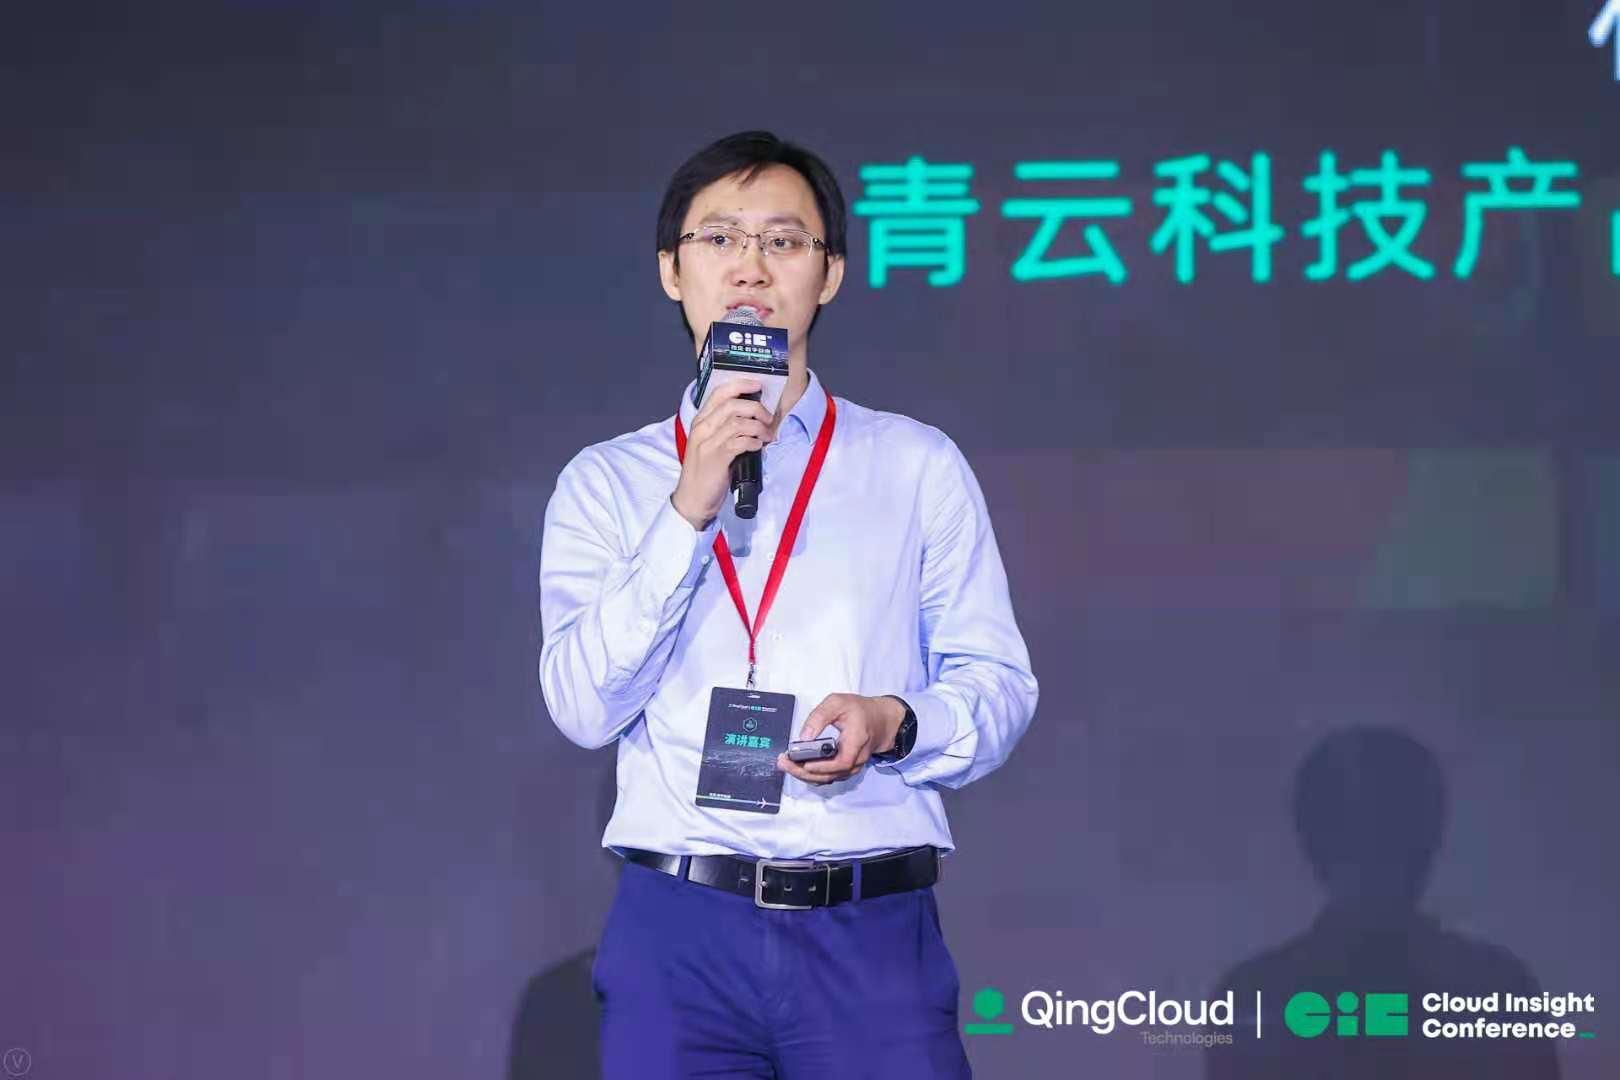 青云科技CIC 2021發布全維信創云白皮書 推進信息技術應用創新